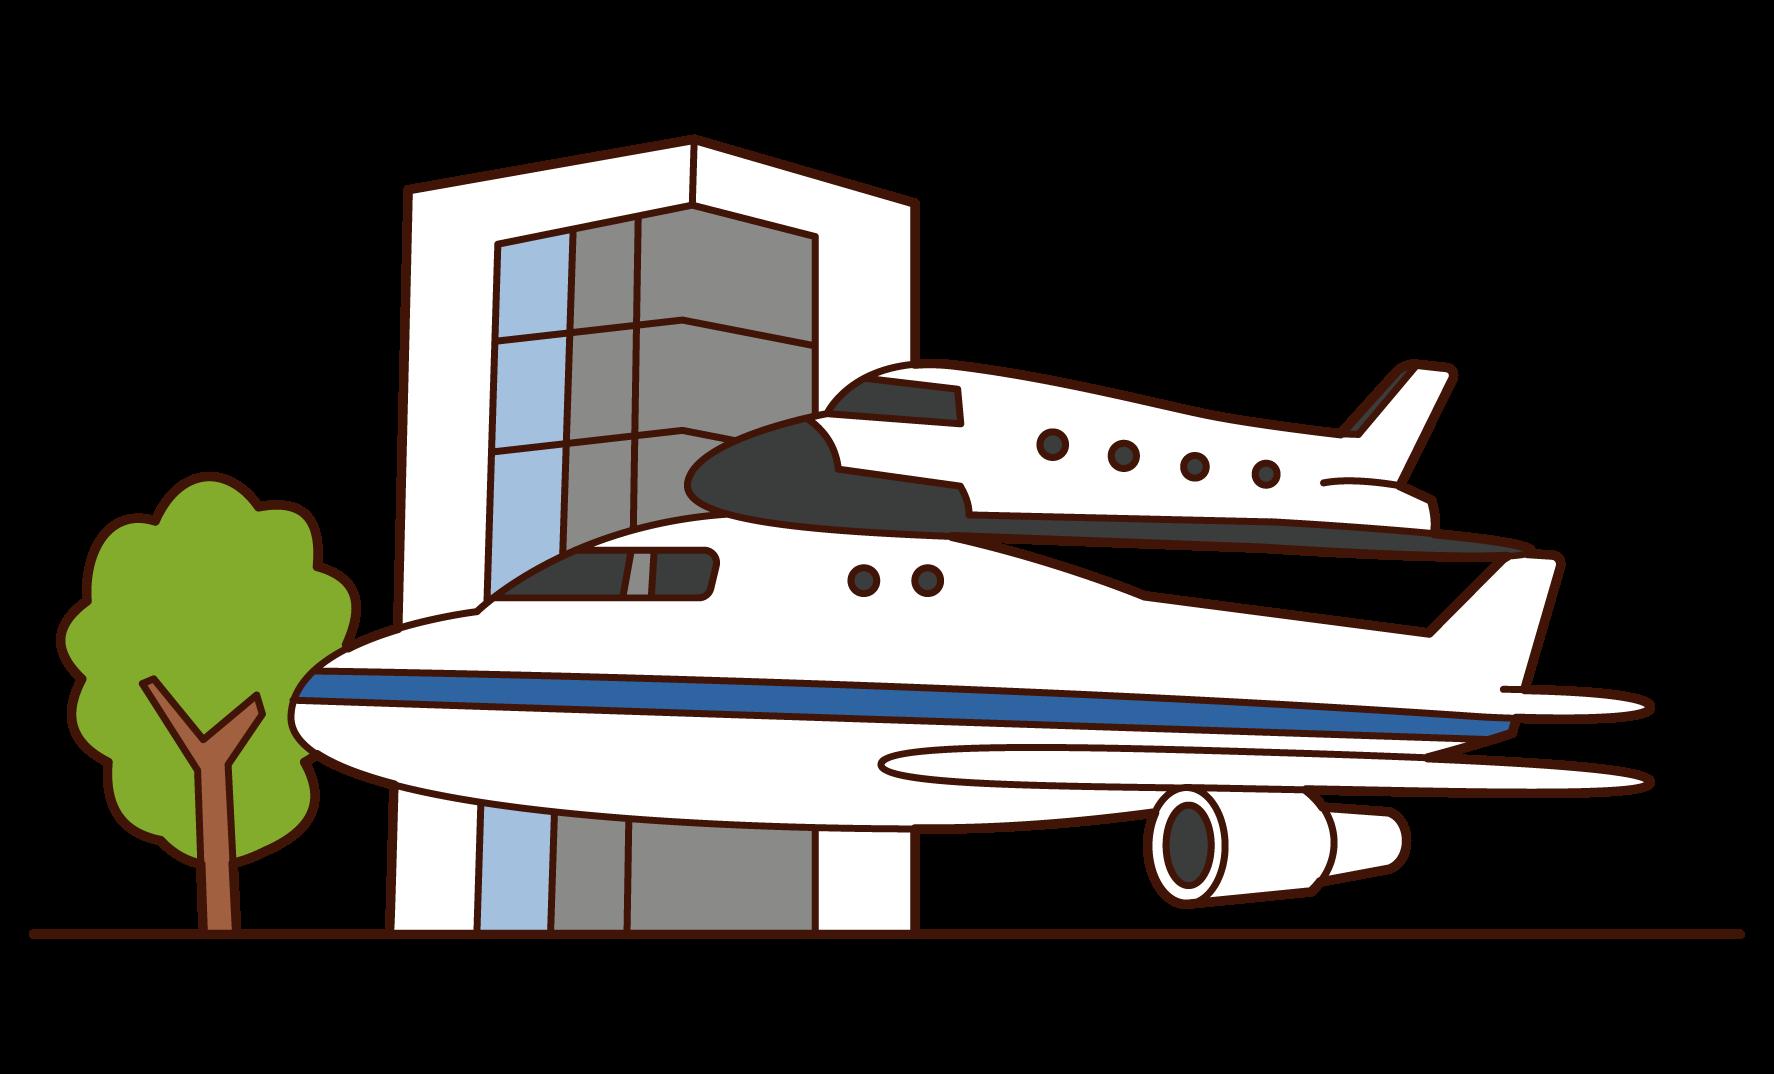 NASAジョンソン宇宙センターのイラスト